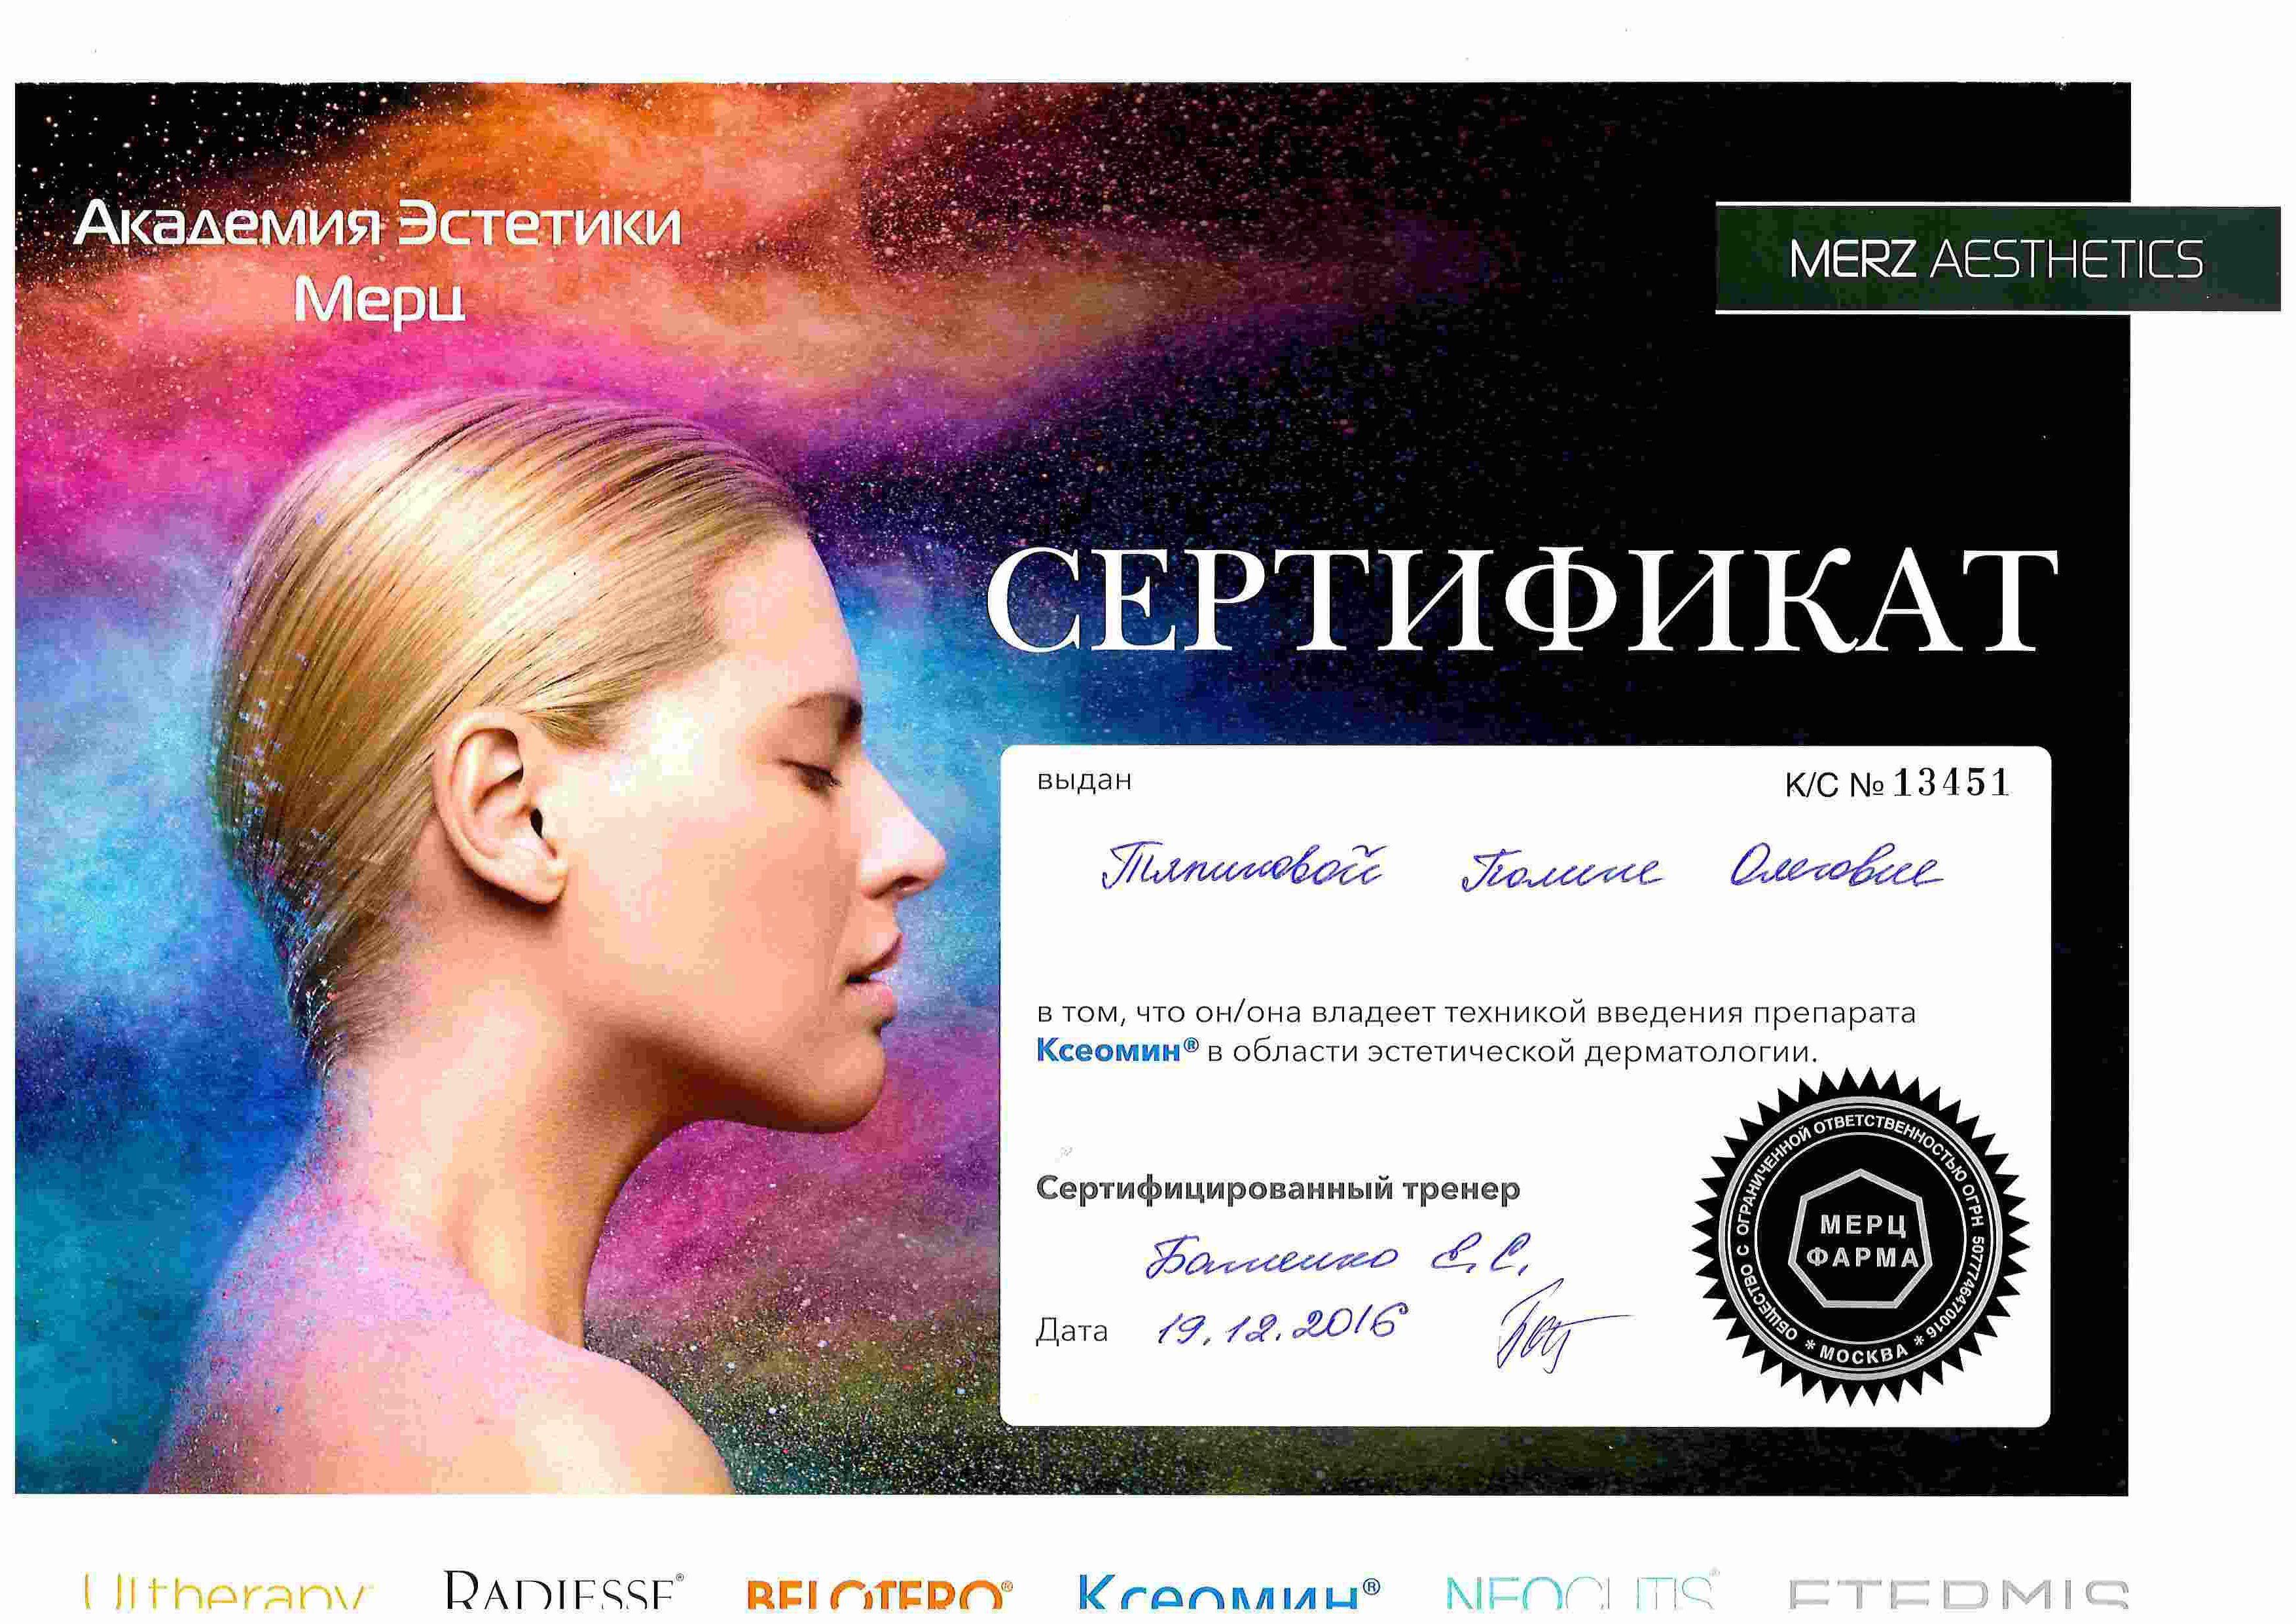 Сертификат Соловьева 16